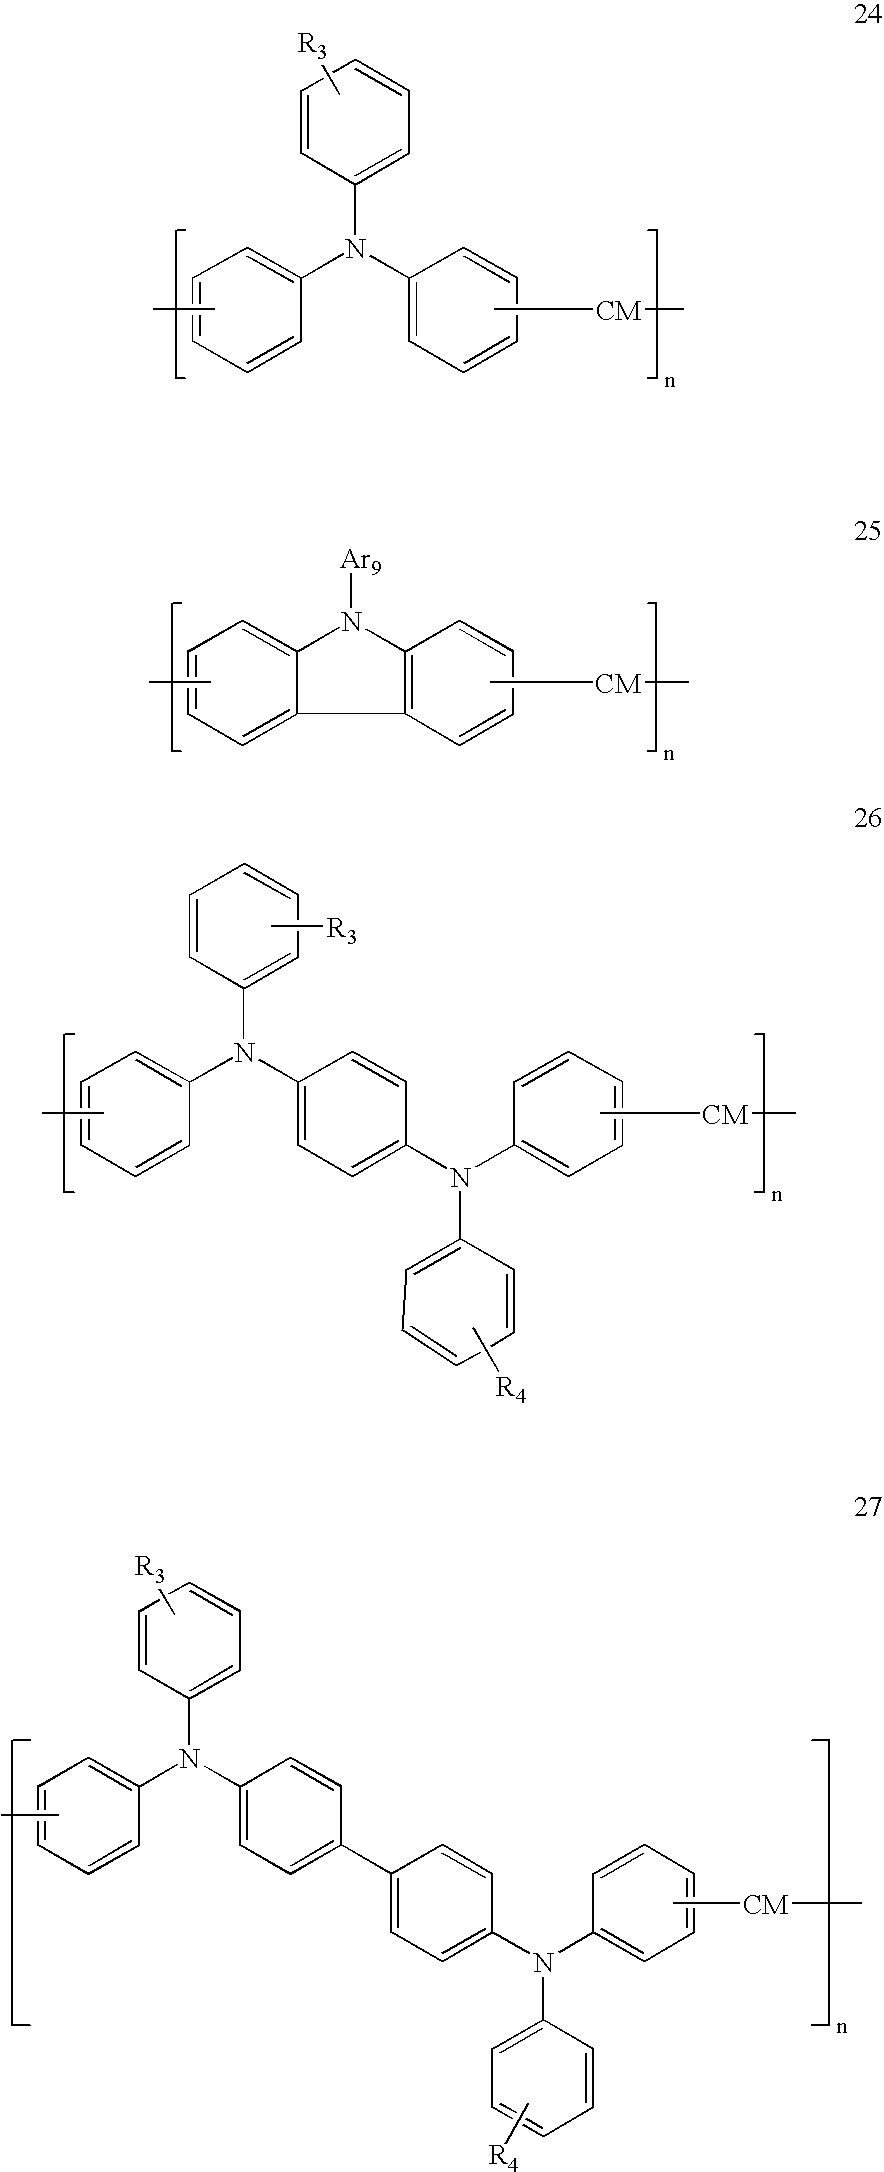 Figure US07166010-20070123-C00011